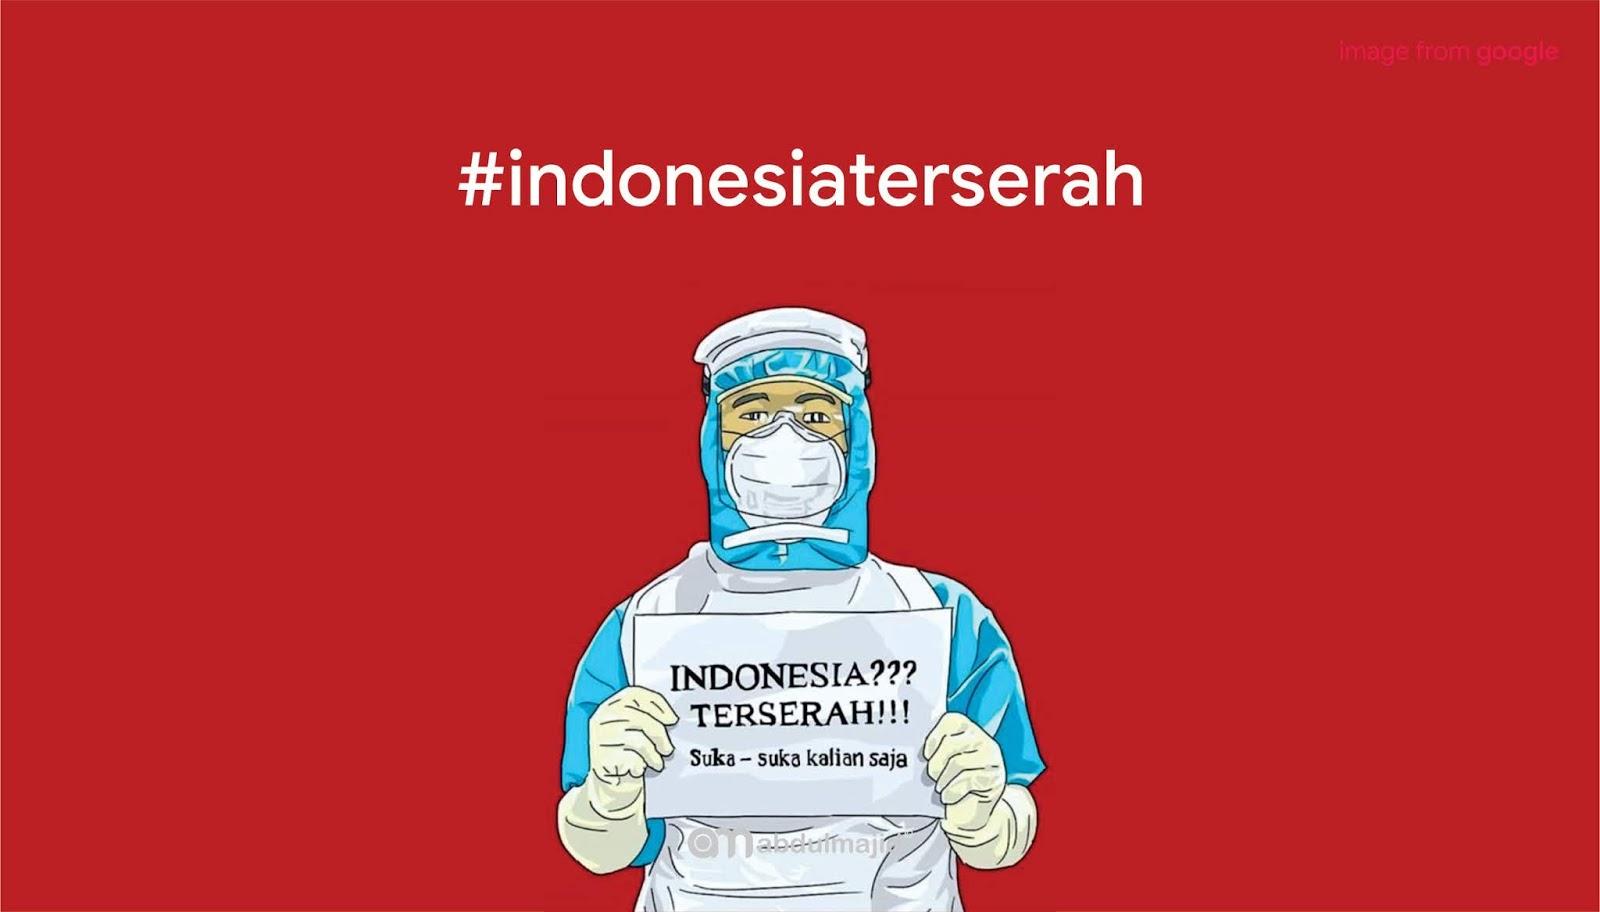 indonesia-terserah-dan-entahlah